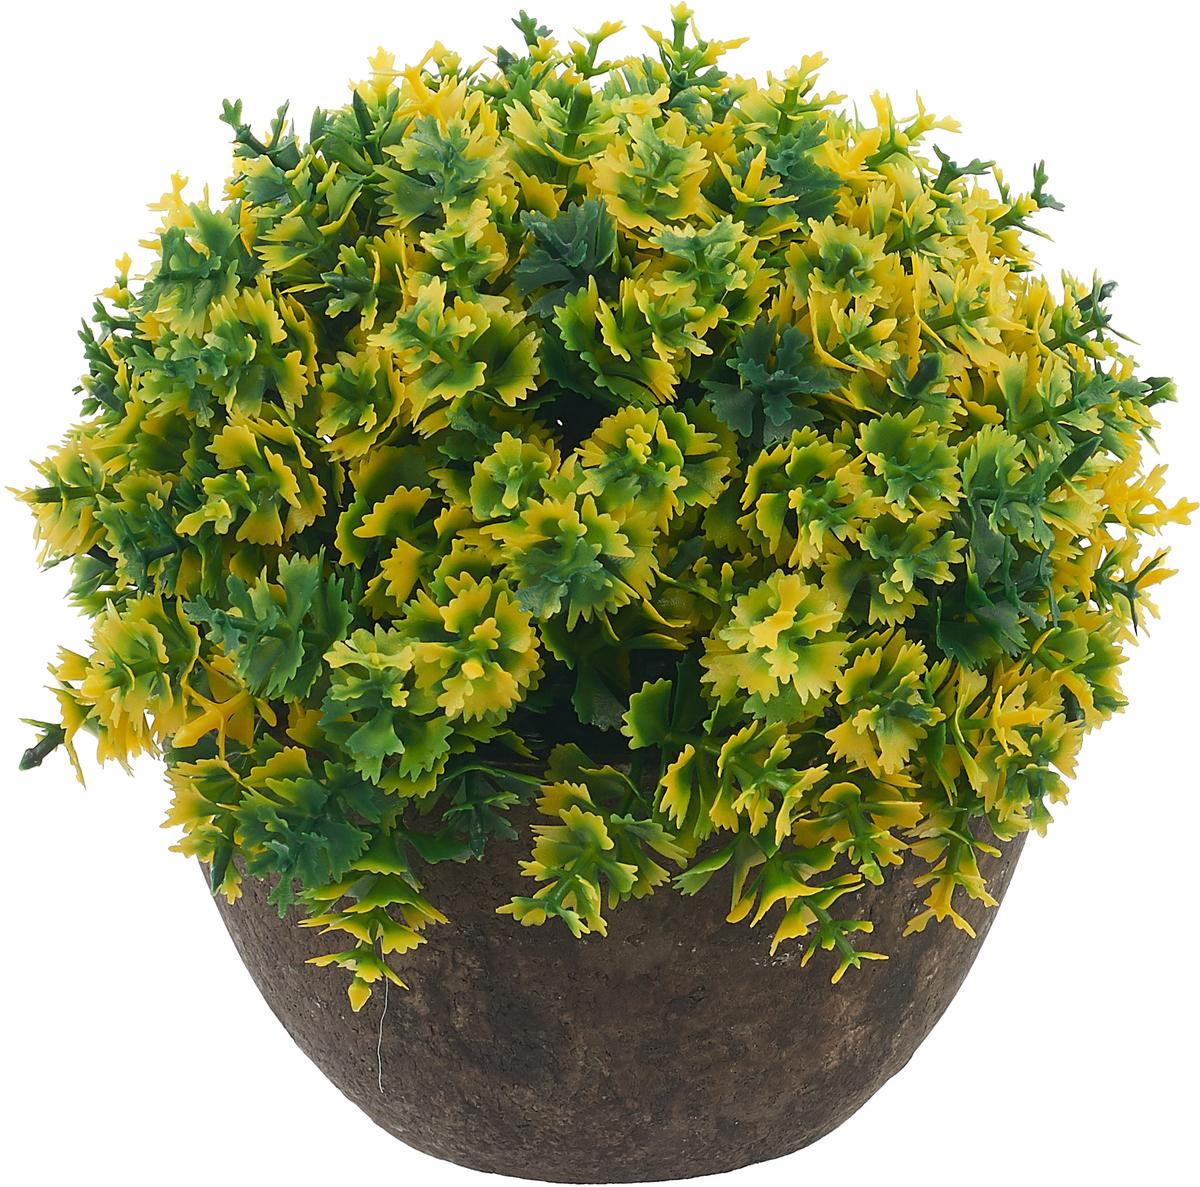 Композиция цветочная Engard Азалия, в кашпо, цвет: зеленый, 15 х 13,5 смB18зелИскусственные цветы Engard - это популярное дизайнерское решение для создания природного колорита и гармонии в пространстве. Декоративная азалия высотой 15 см выглядит аккуратно и довольно реалистично. Керамический горшок цвета эспрессо прекрасно впишется в любой интерьер. Рекомендуем!